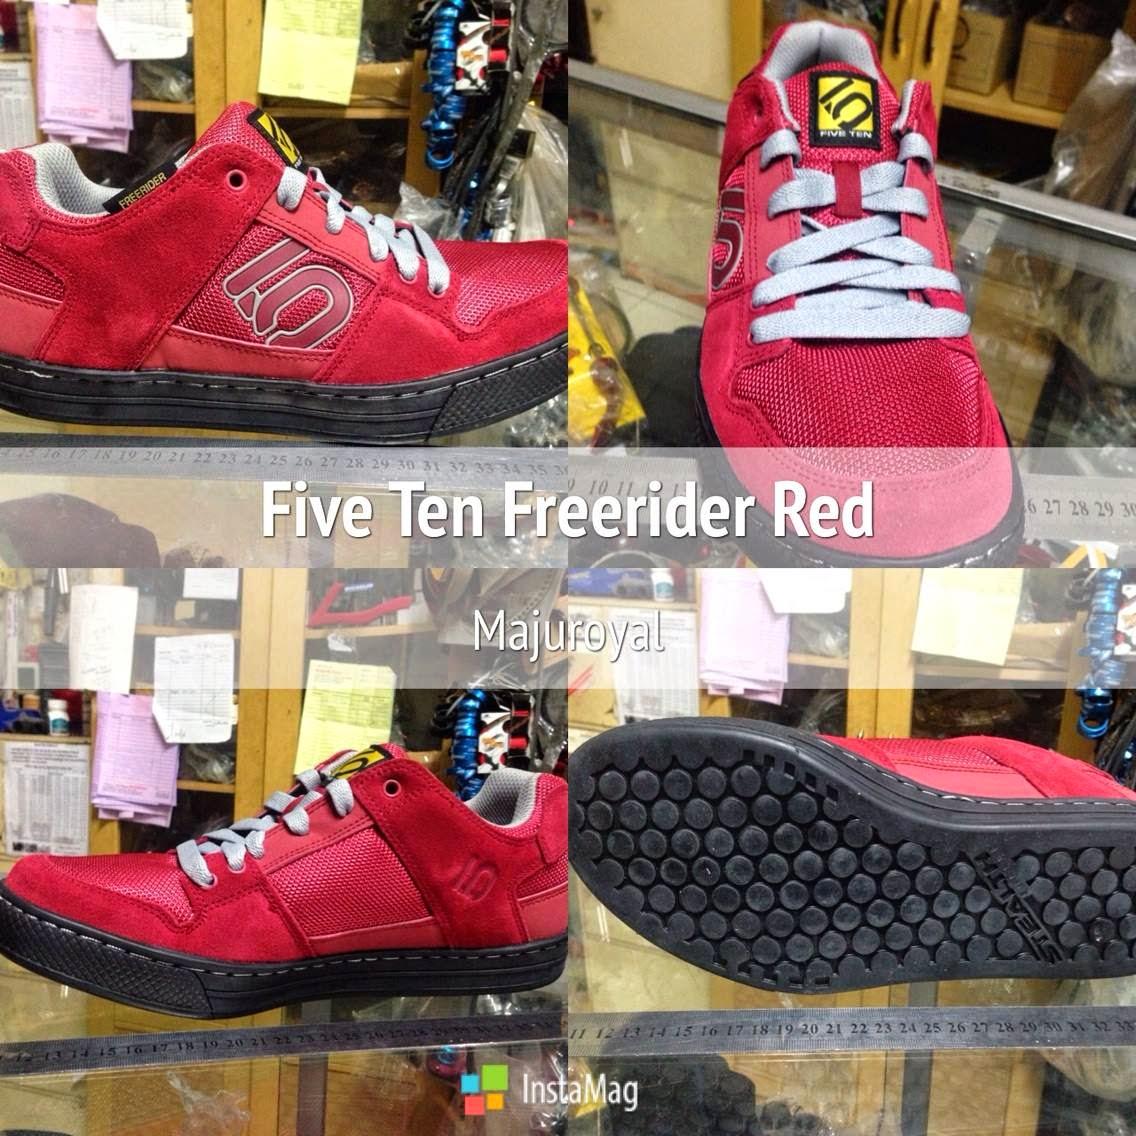 Five Ten Freerider Red